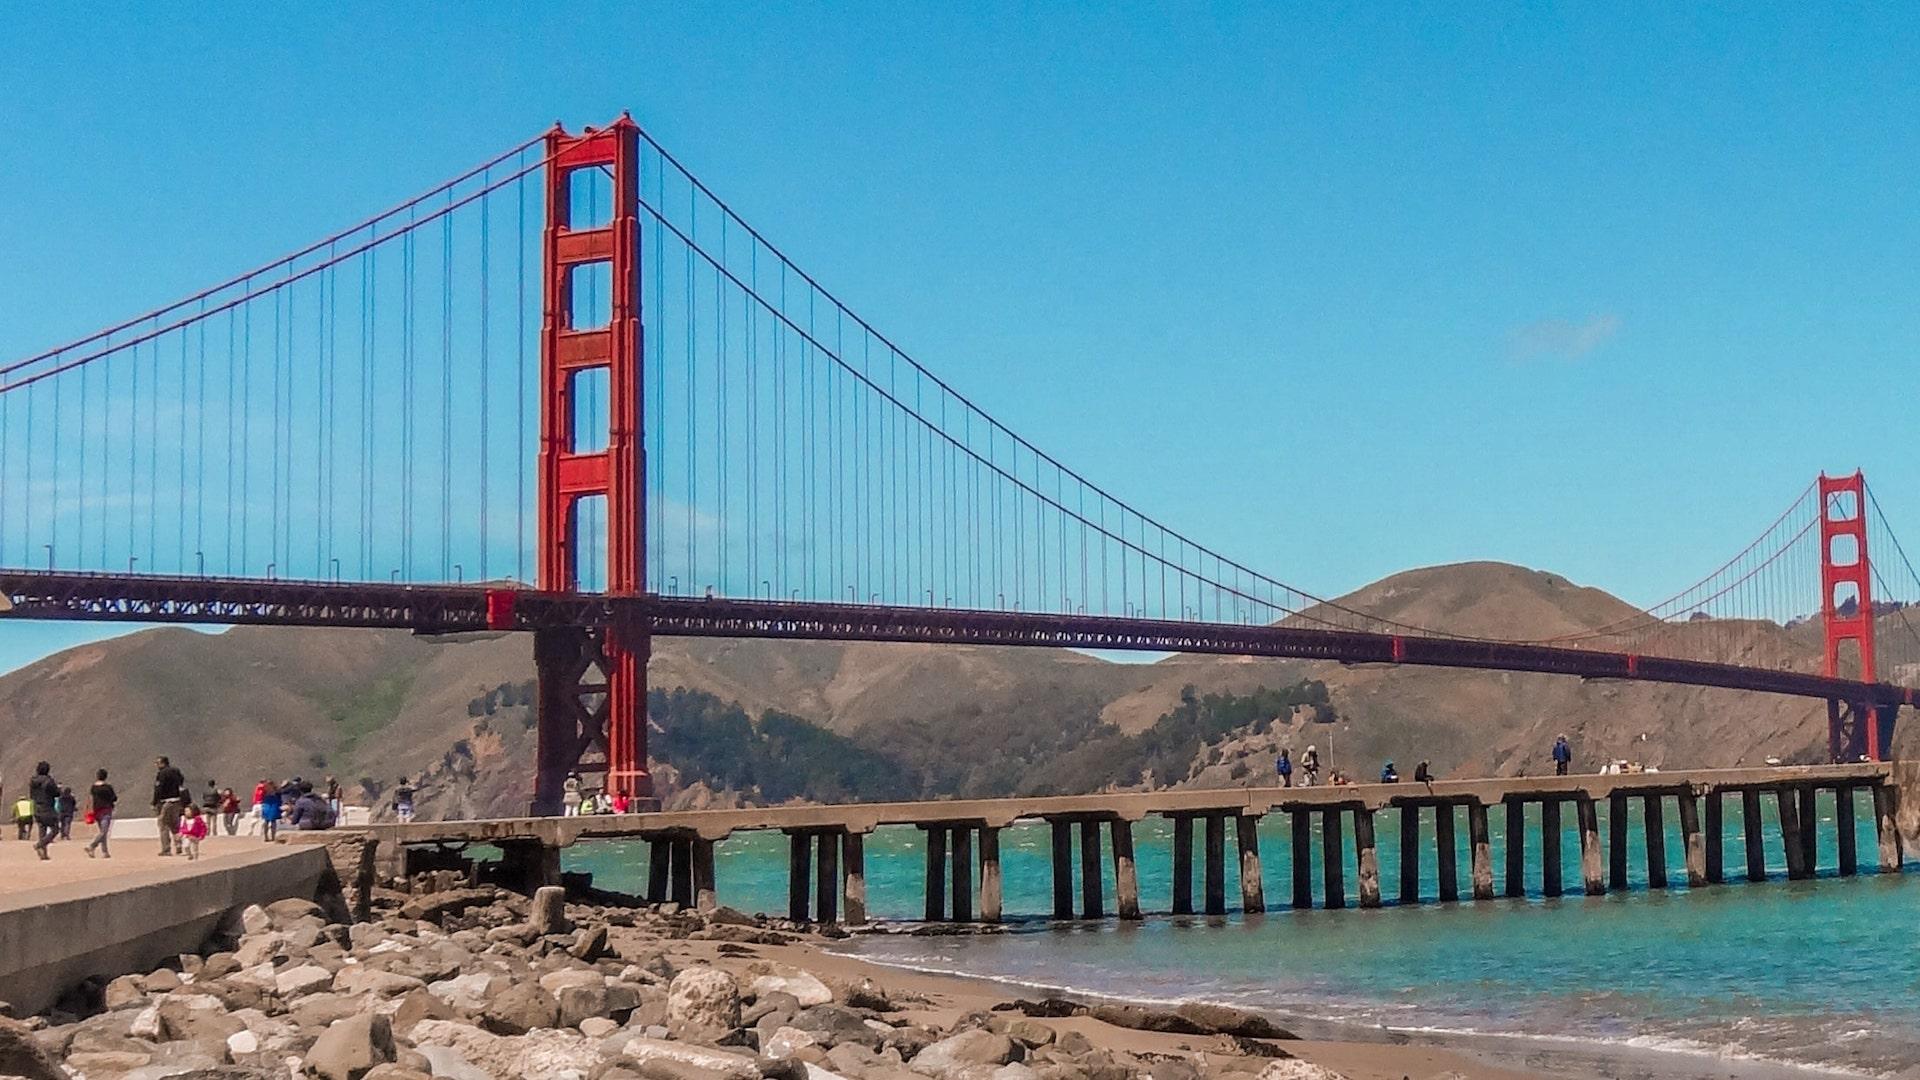 melhores passeios turísticos em San Francisco - Califórnia